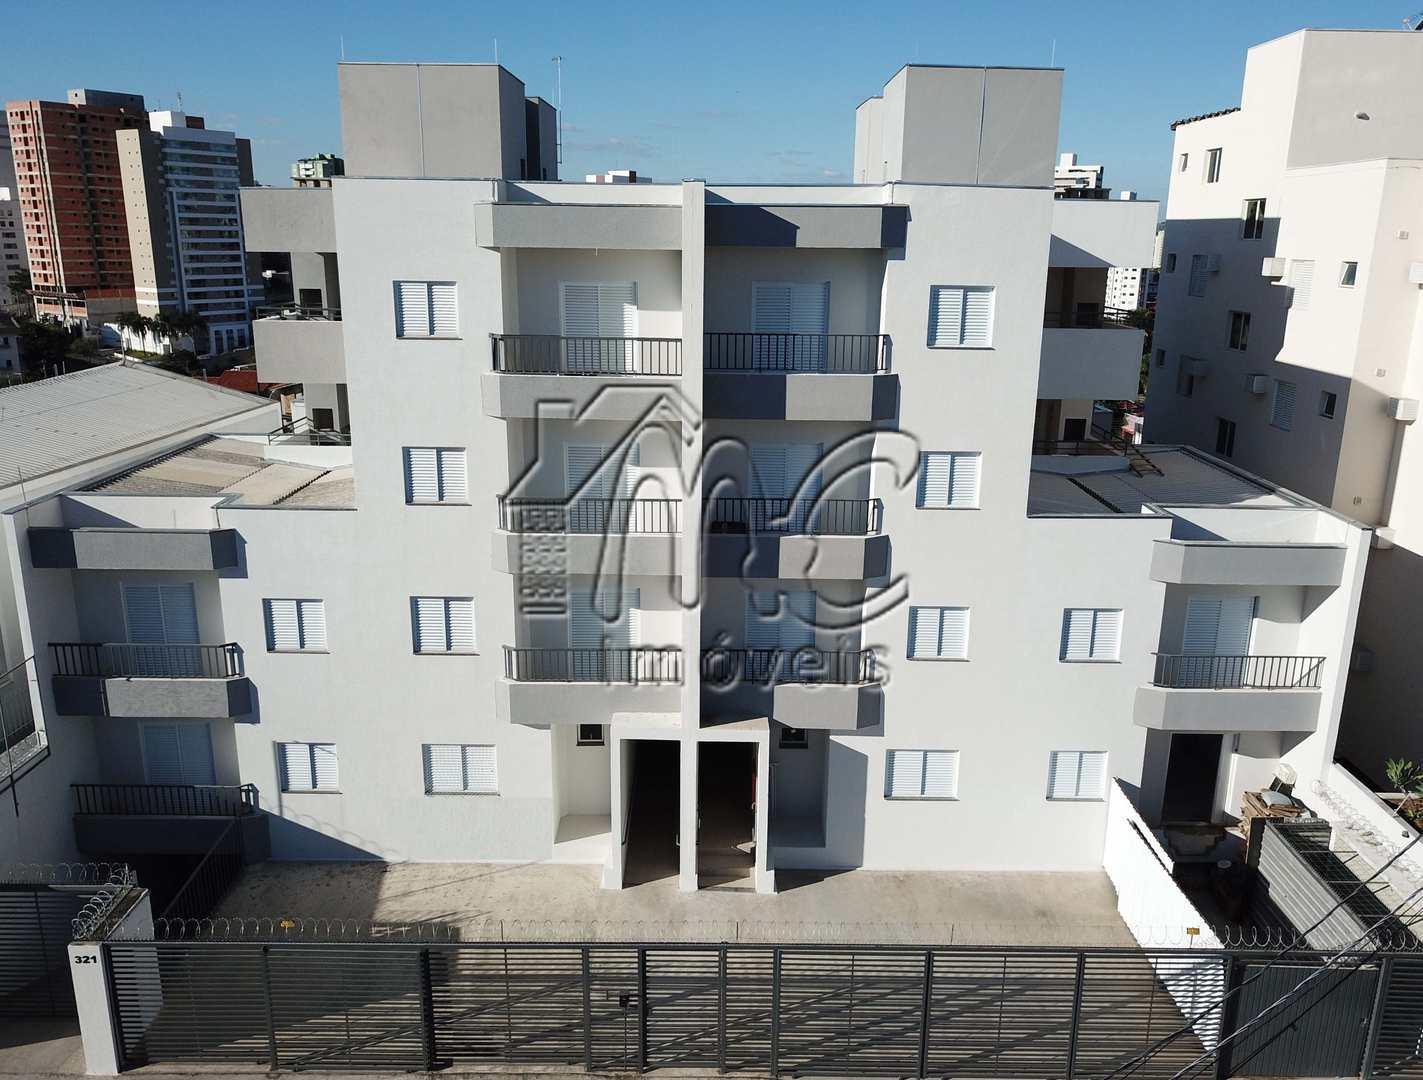 Lançamento apartamento 2 dorms, Vila Jardini, Sorocaba - SP.